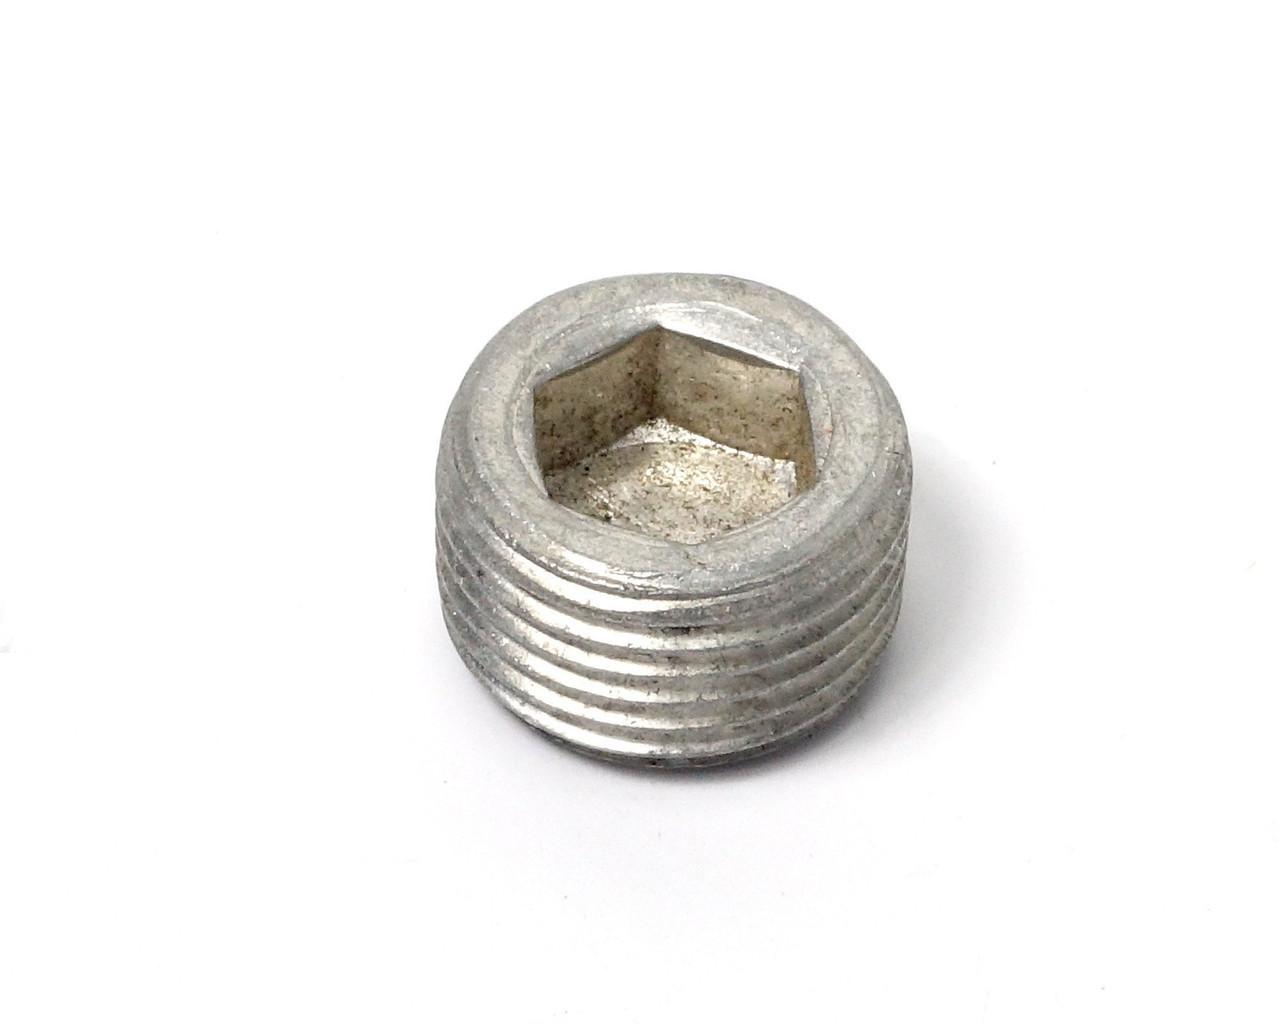 Intake Manifold Hex Plug - 1974-78